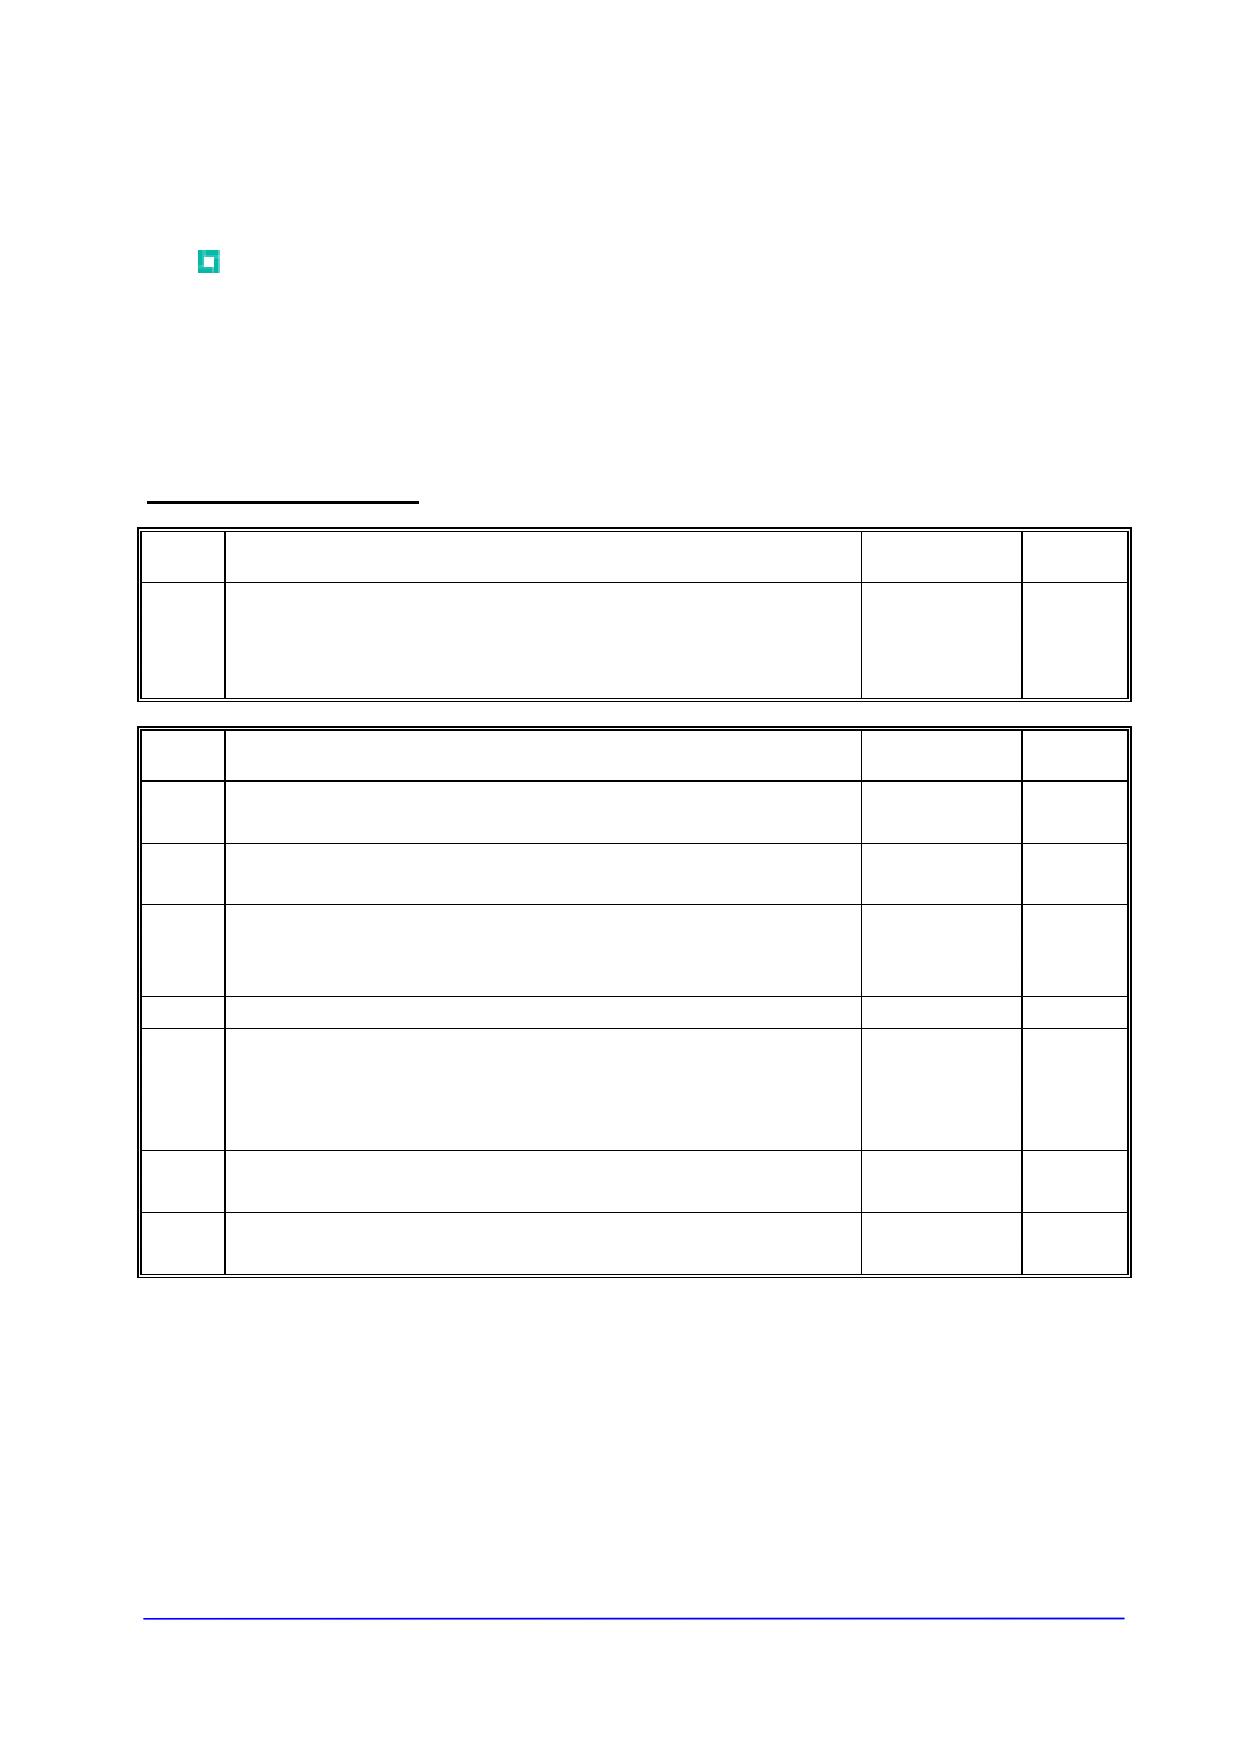 H0500KC25L Datasheet, H0500KC25L PDF,ピン配置, 機能